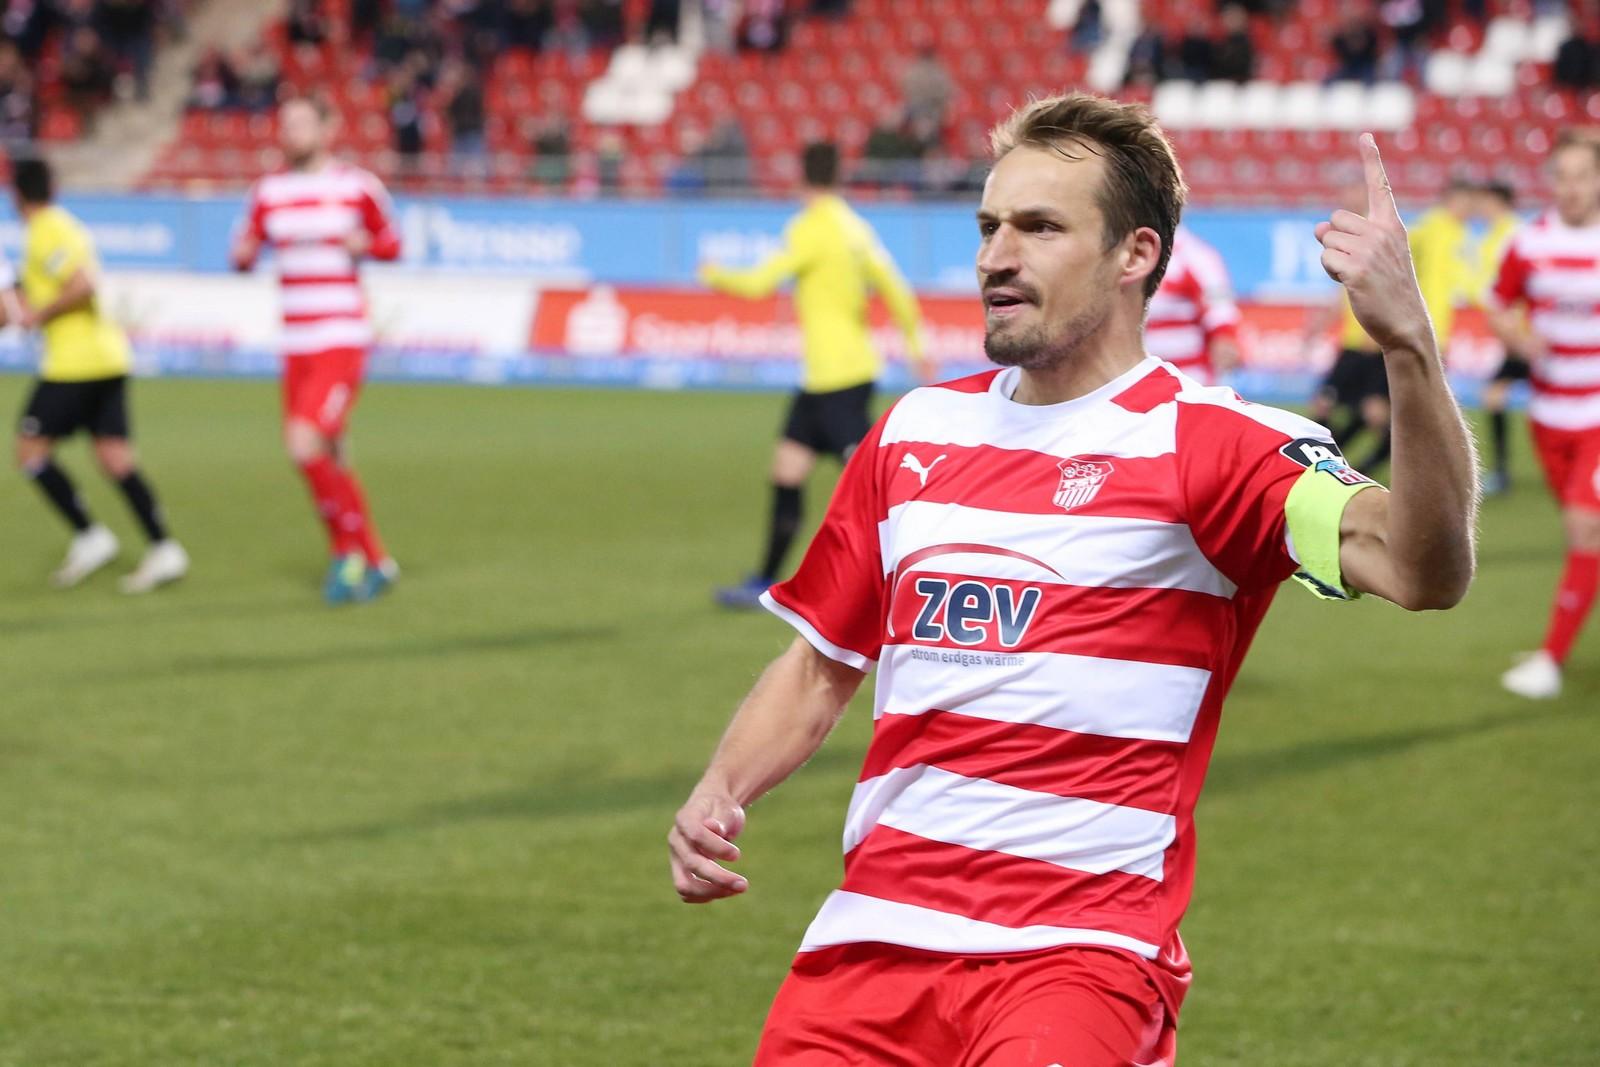 Toni Wachsmuth bejubelt seinen Treffer gegen Uerdingen.